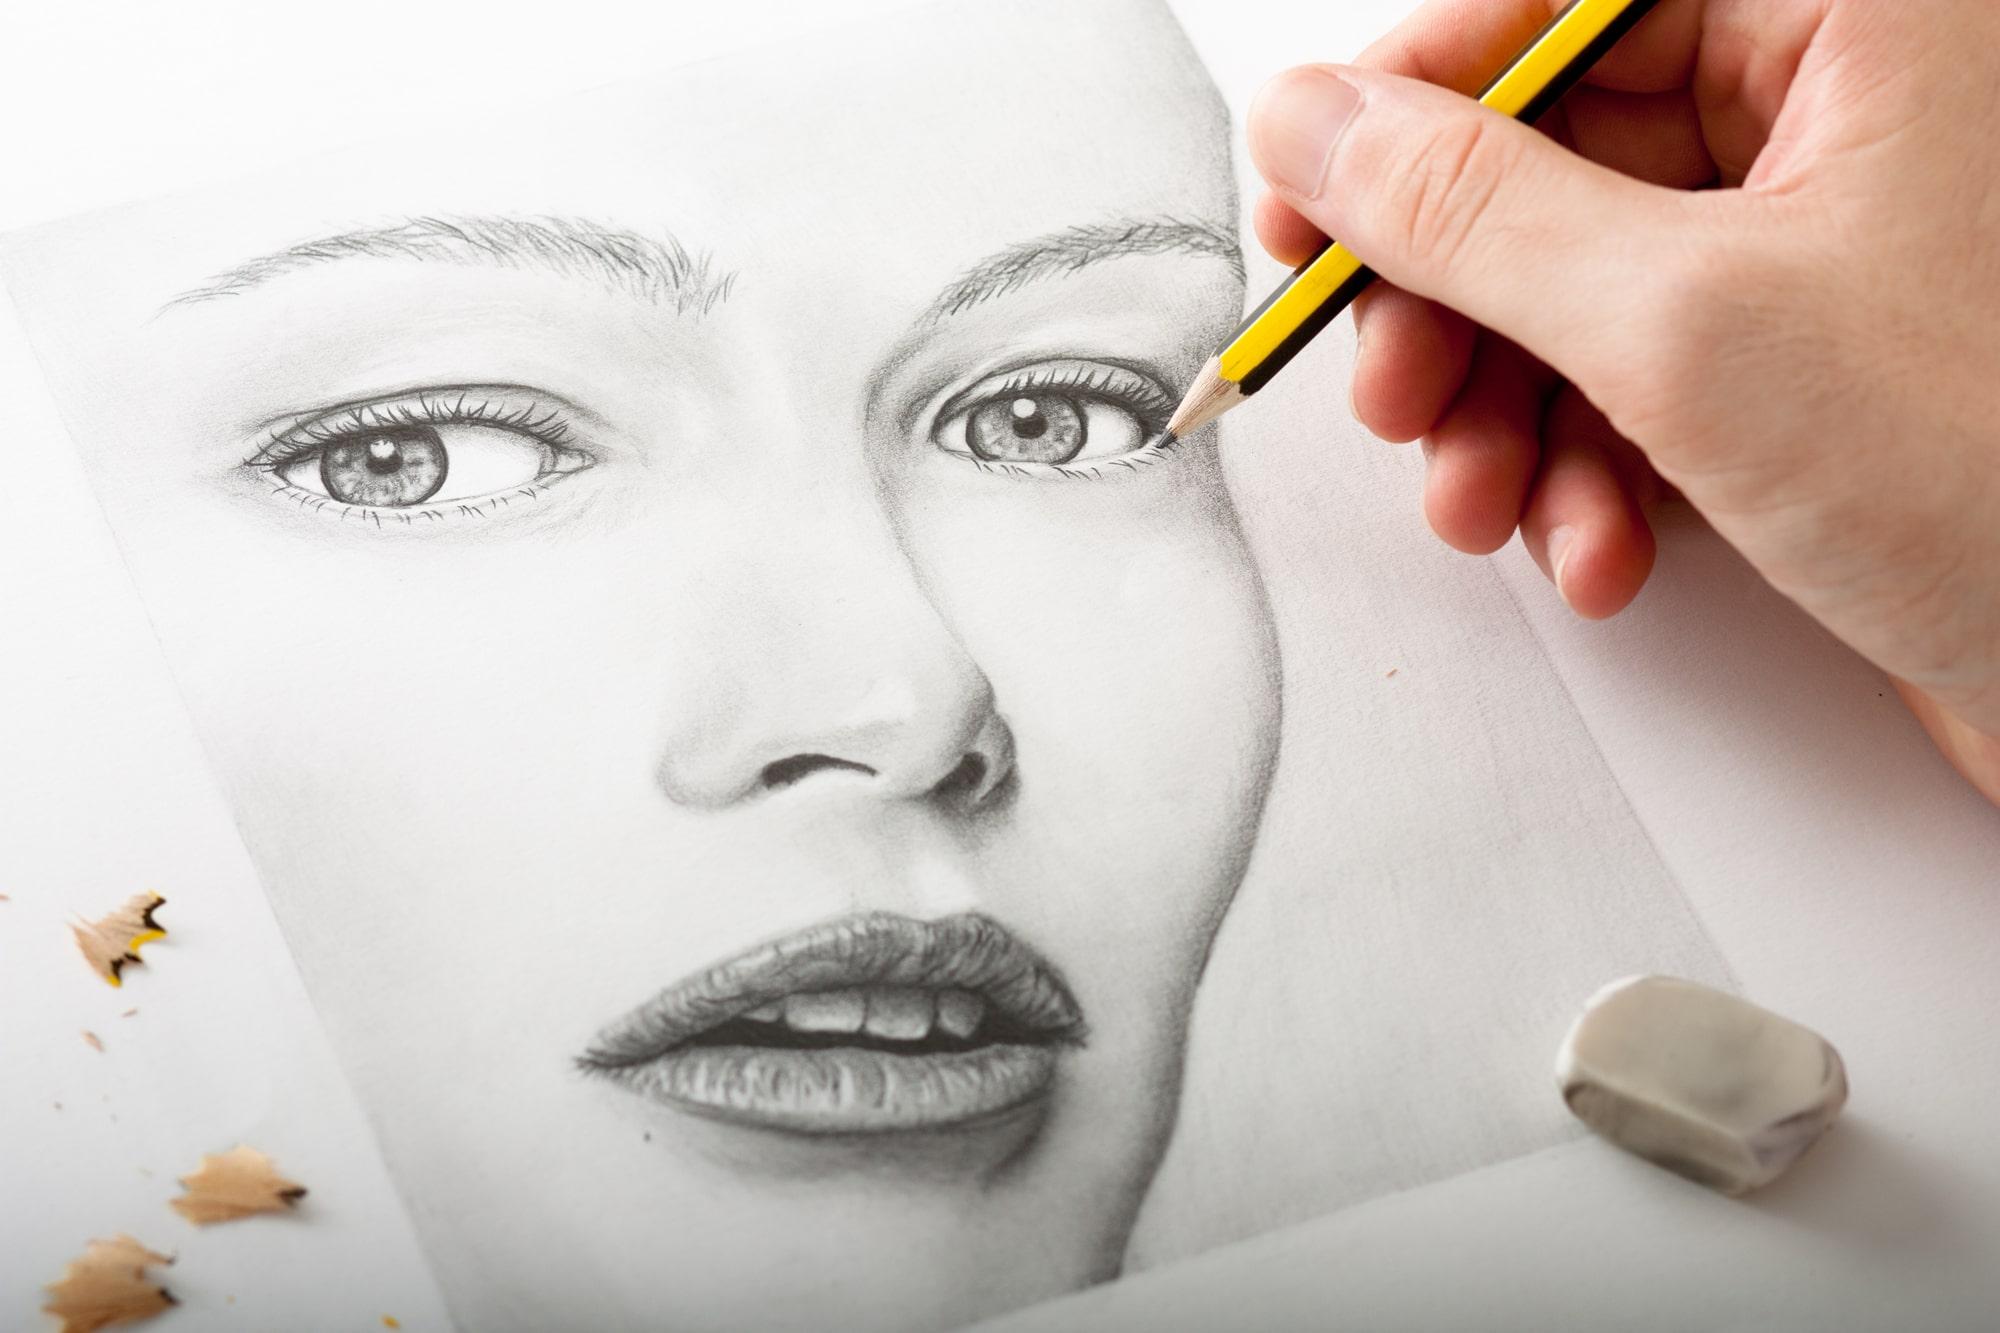 Gli indispensabili per il disegno artistico thumbnail